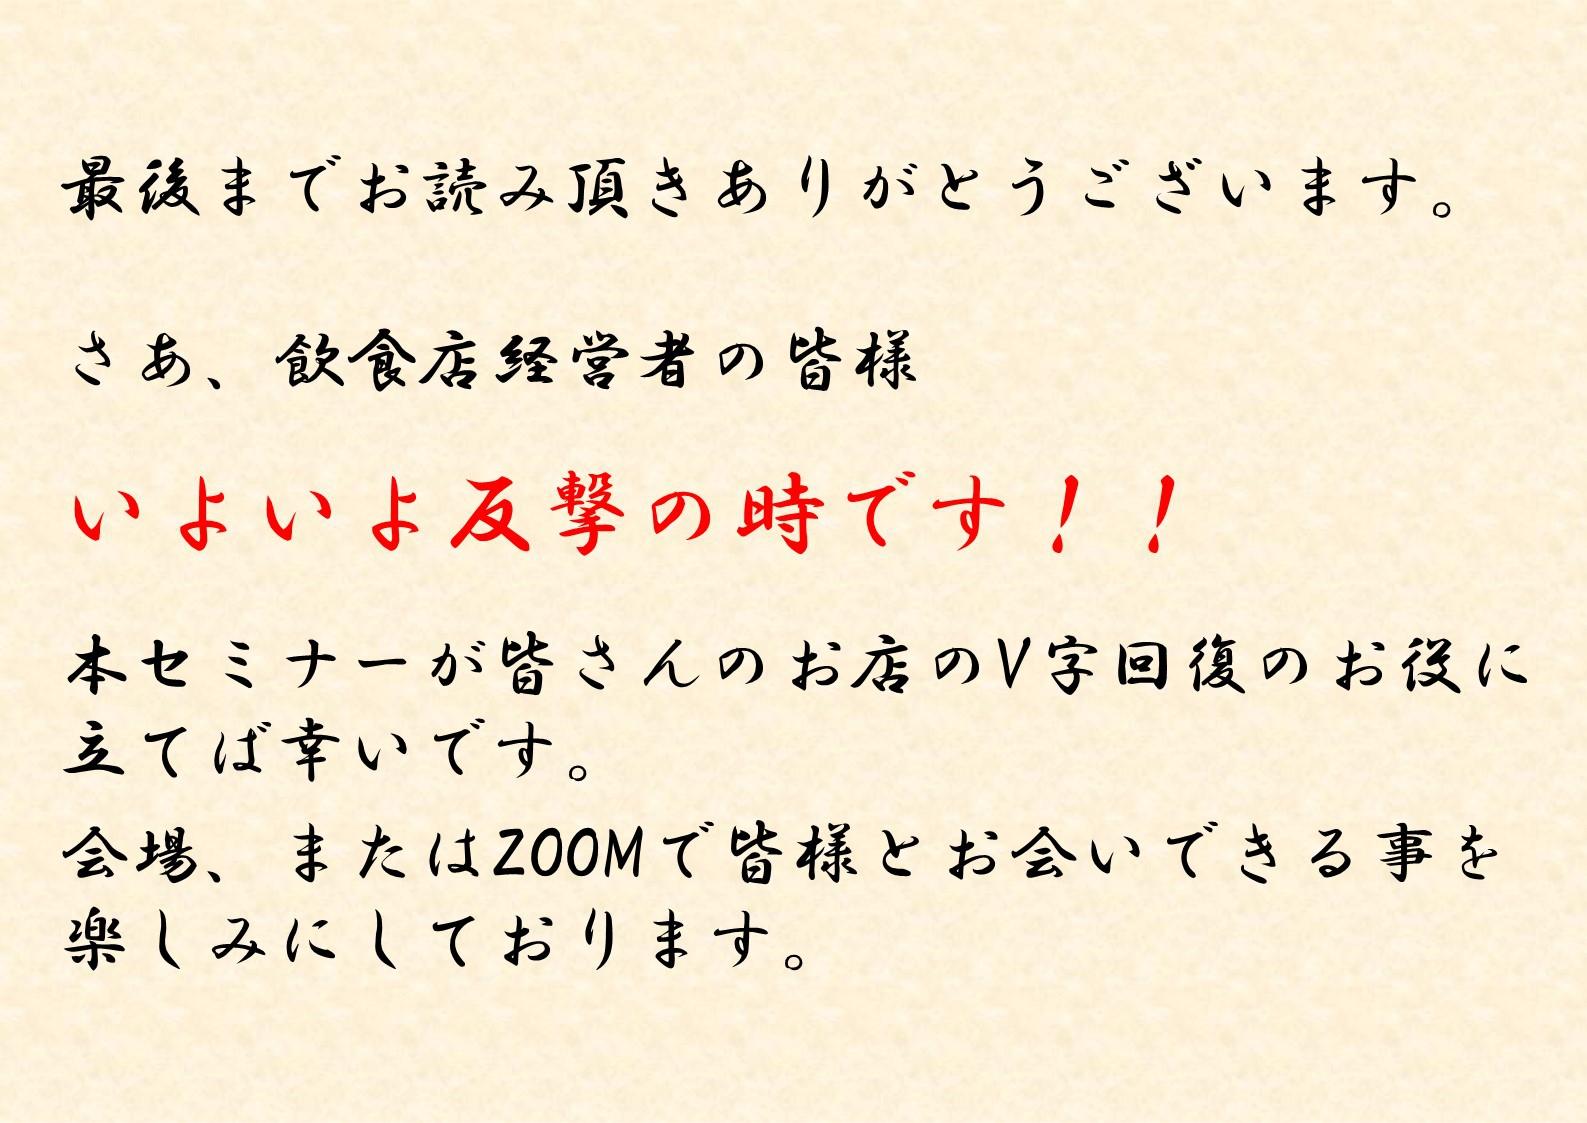 コロナ禍の飲食店の成功事例公開セミナー【東京会場】